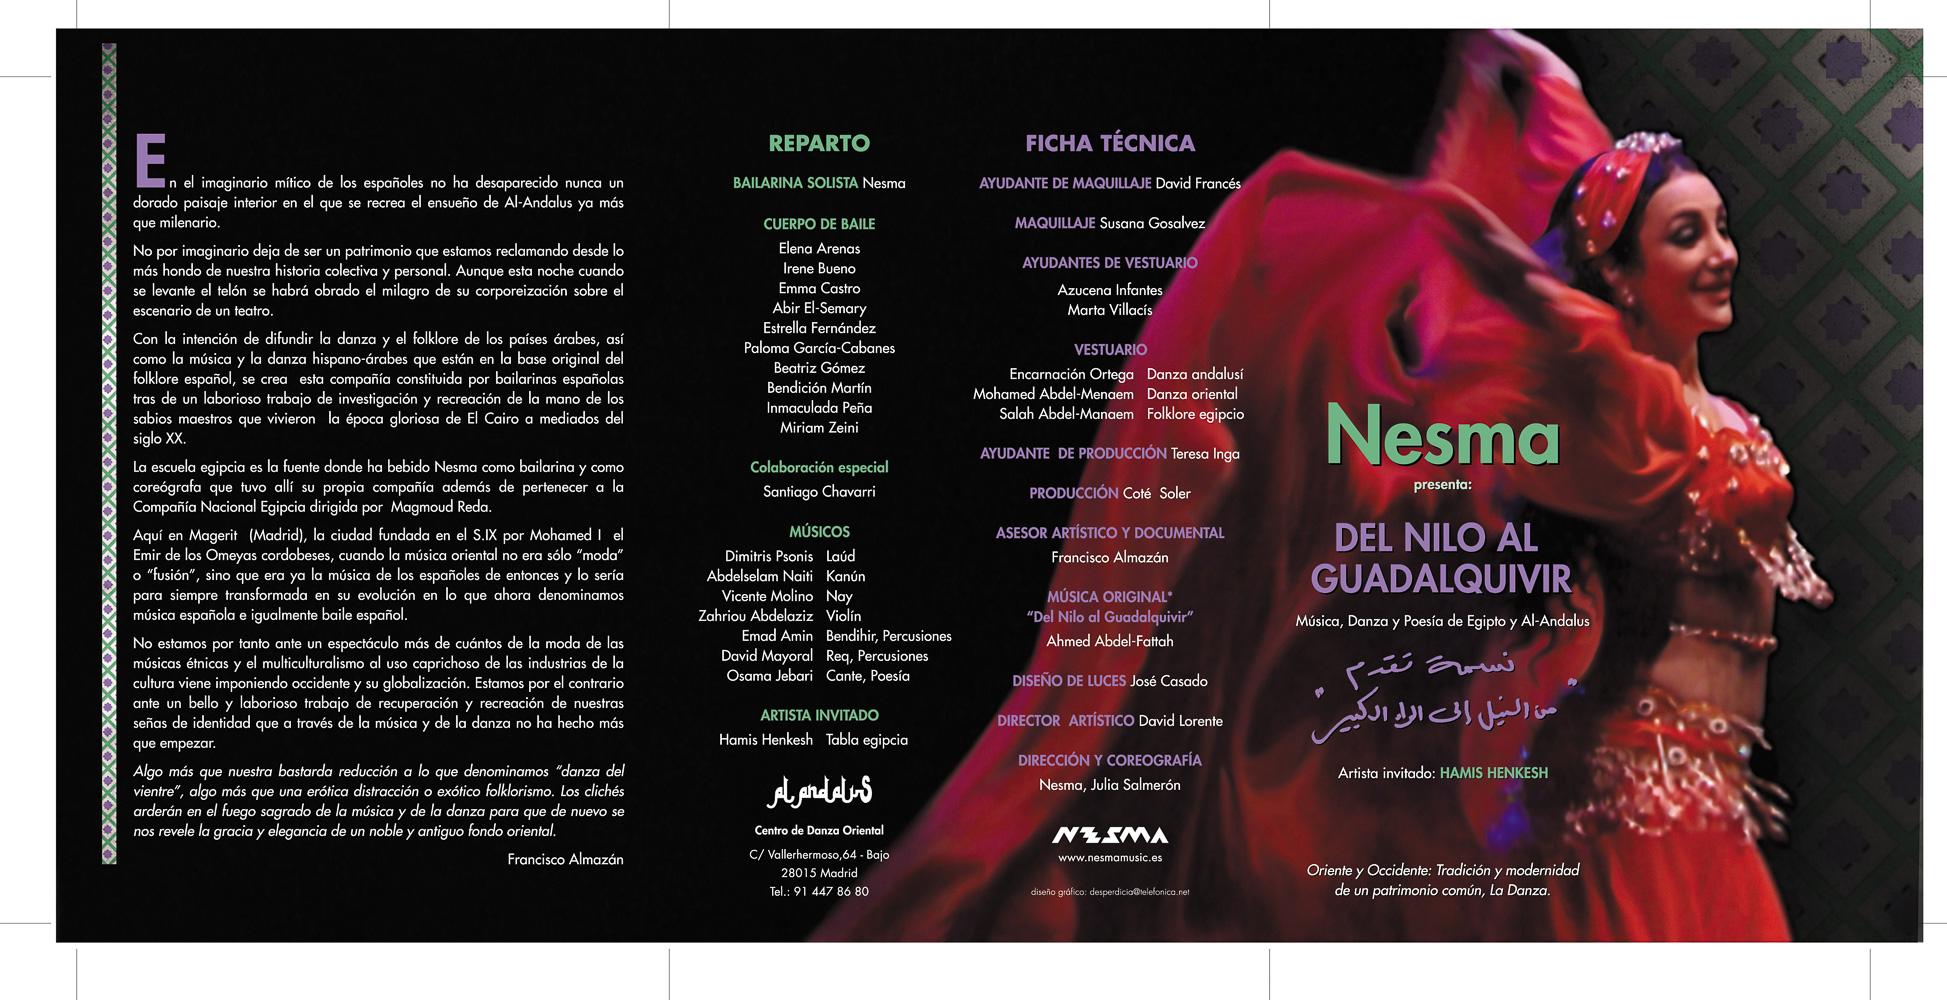 Nesma del Nilo al Guadalquivir espectáculo en Madrid